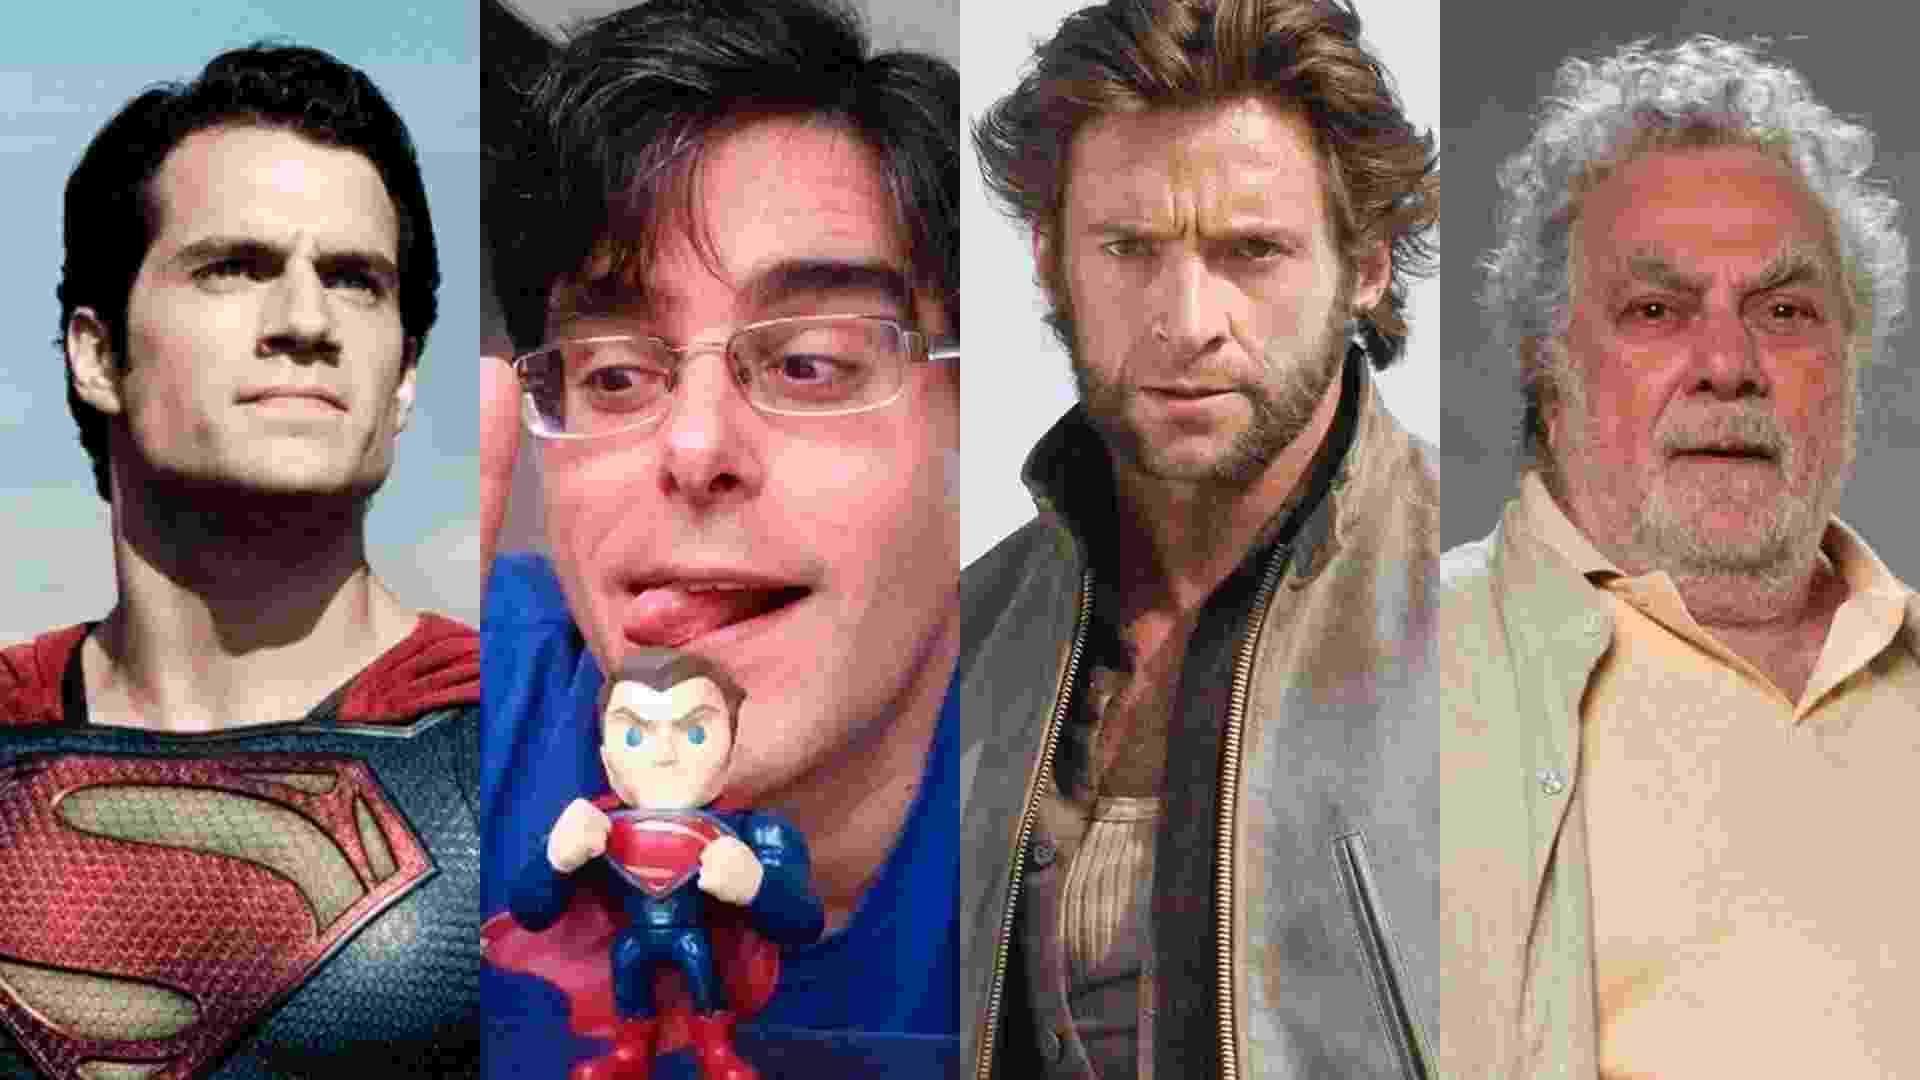 """Isaac Bardavid/Hugh Jackman - Cena do filme """"X-Men Origens: Wolverine"""" (2009), de Gavin Hood e Guilherme Briggs/Superman - Cena do filme """"O Homem de Aço"""" (2013), de Zack Snyder - Reprodução/Montagem"""